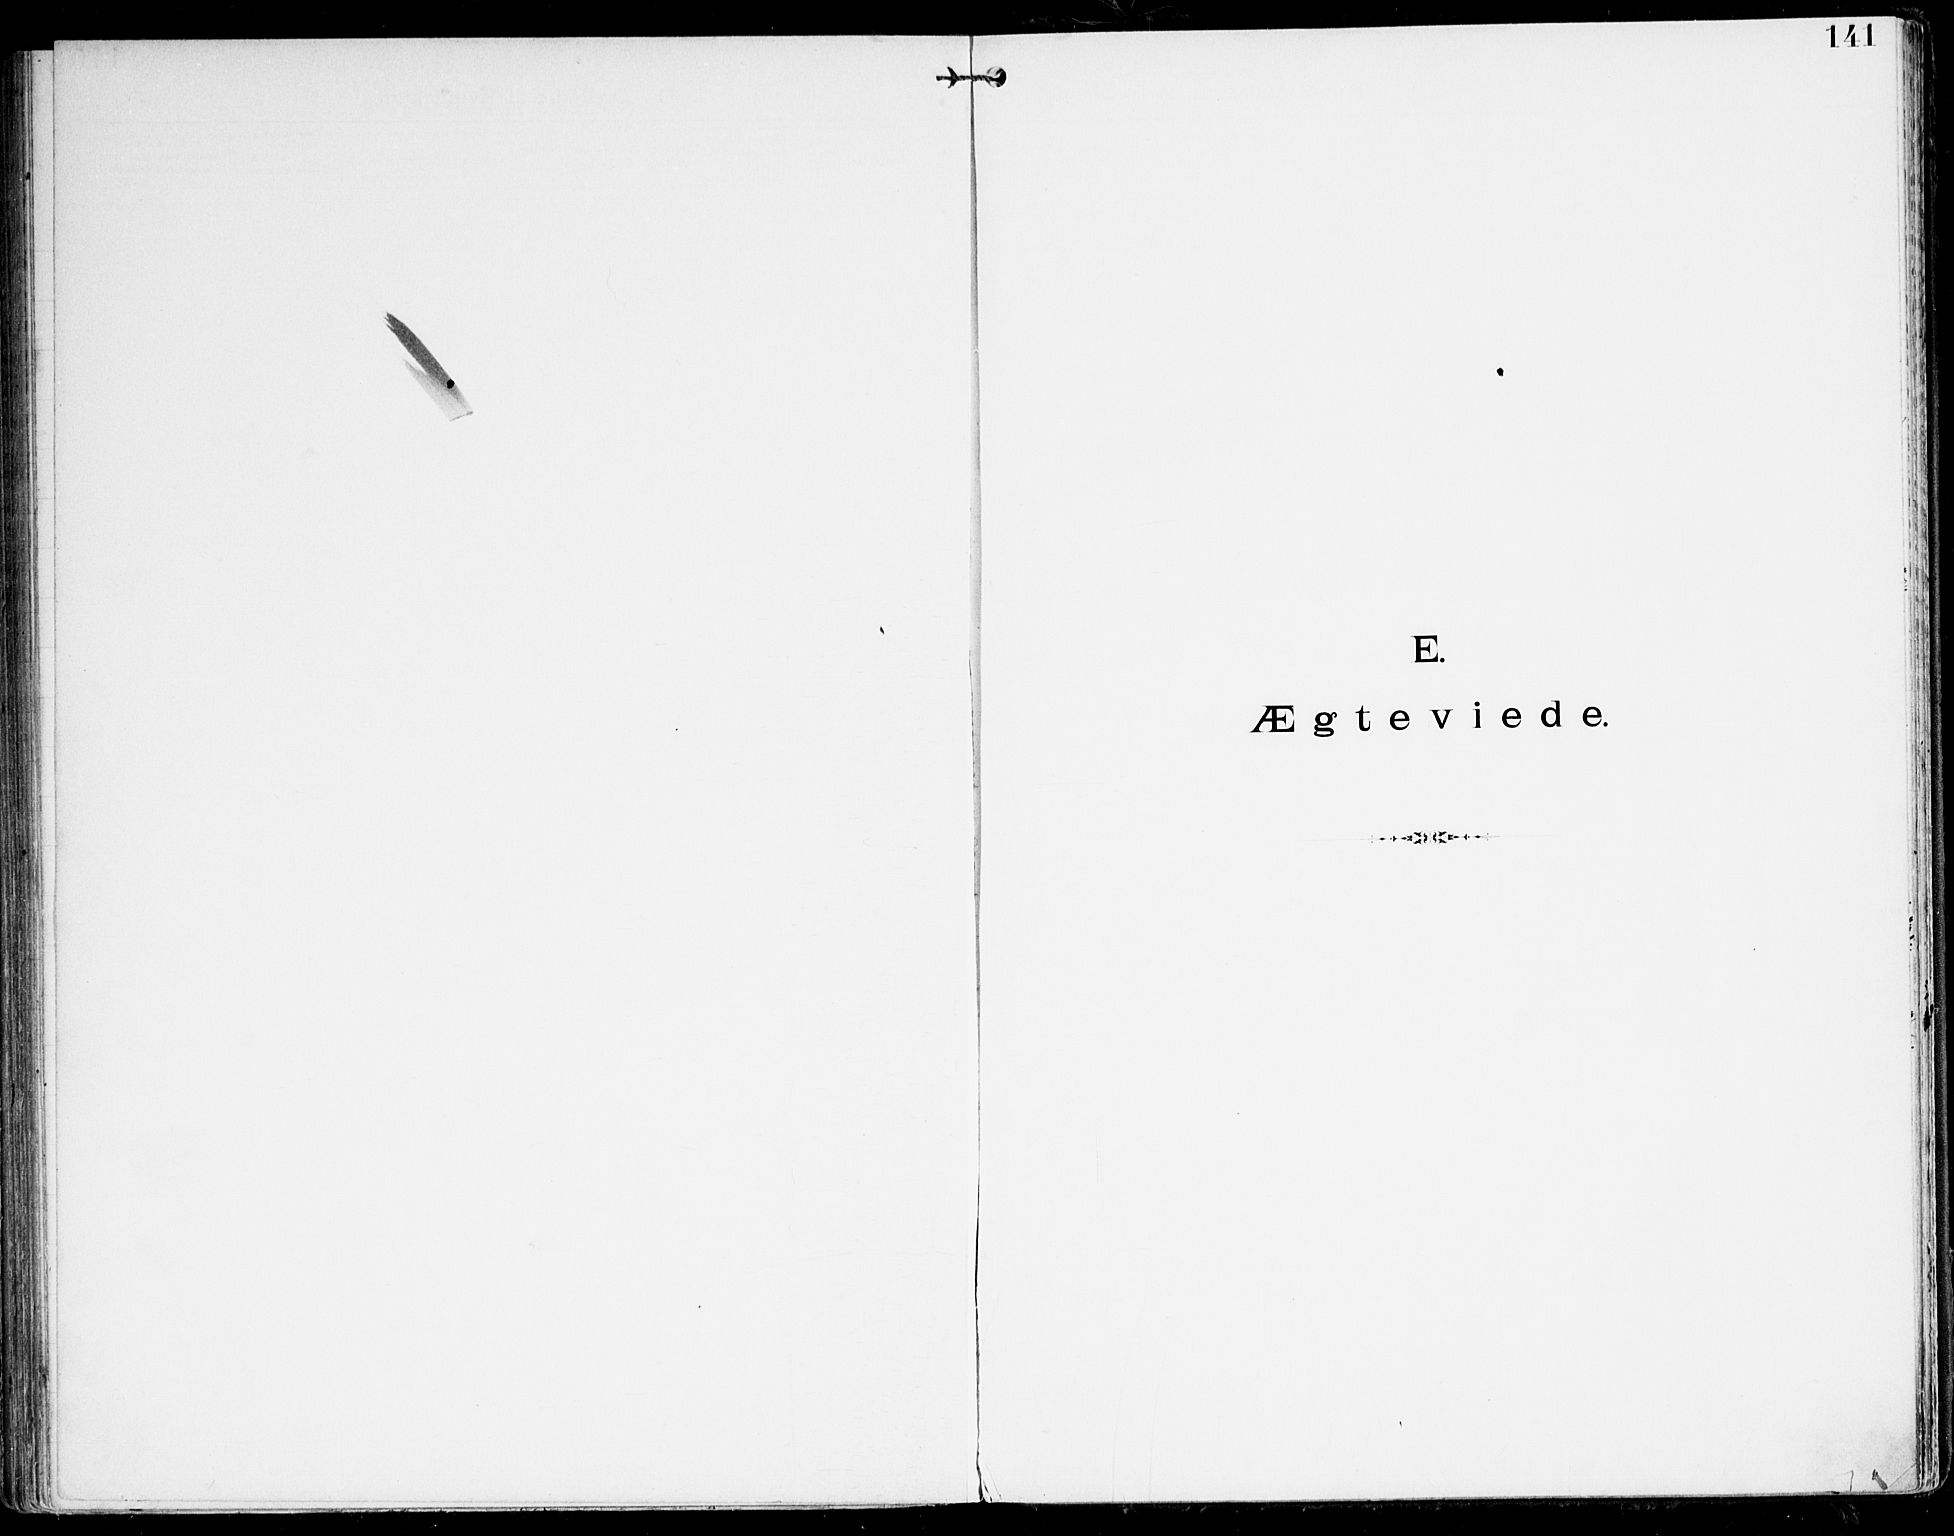 SAK, Den evangelisk-lutherske frikirke, Kristiansand, F/Fa/L0003: Dissenterprotokoll nr. F 11, 1892-1925, s. 141